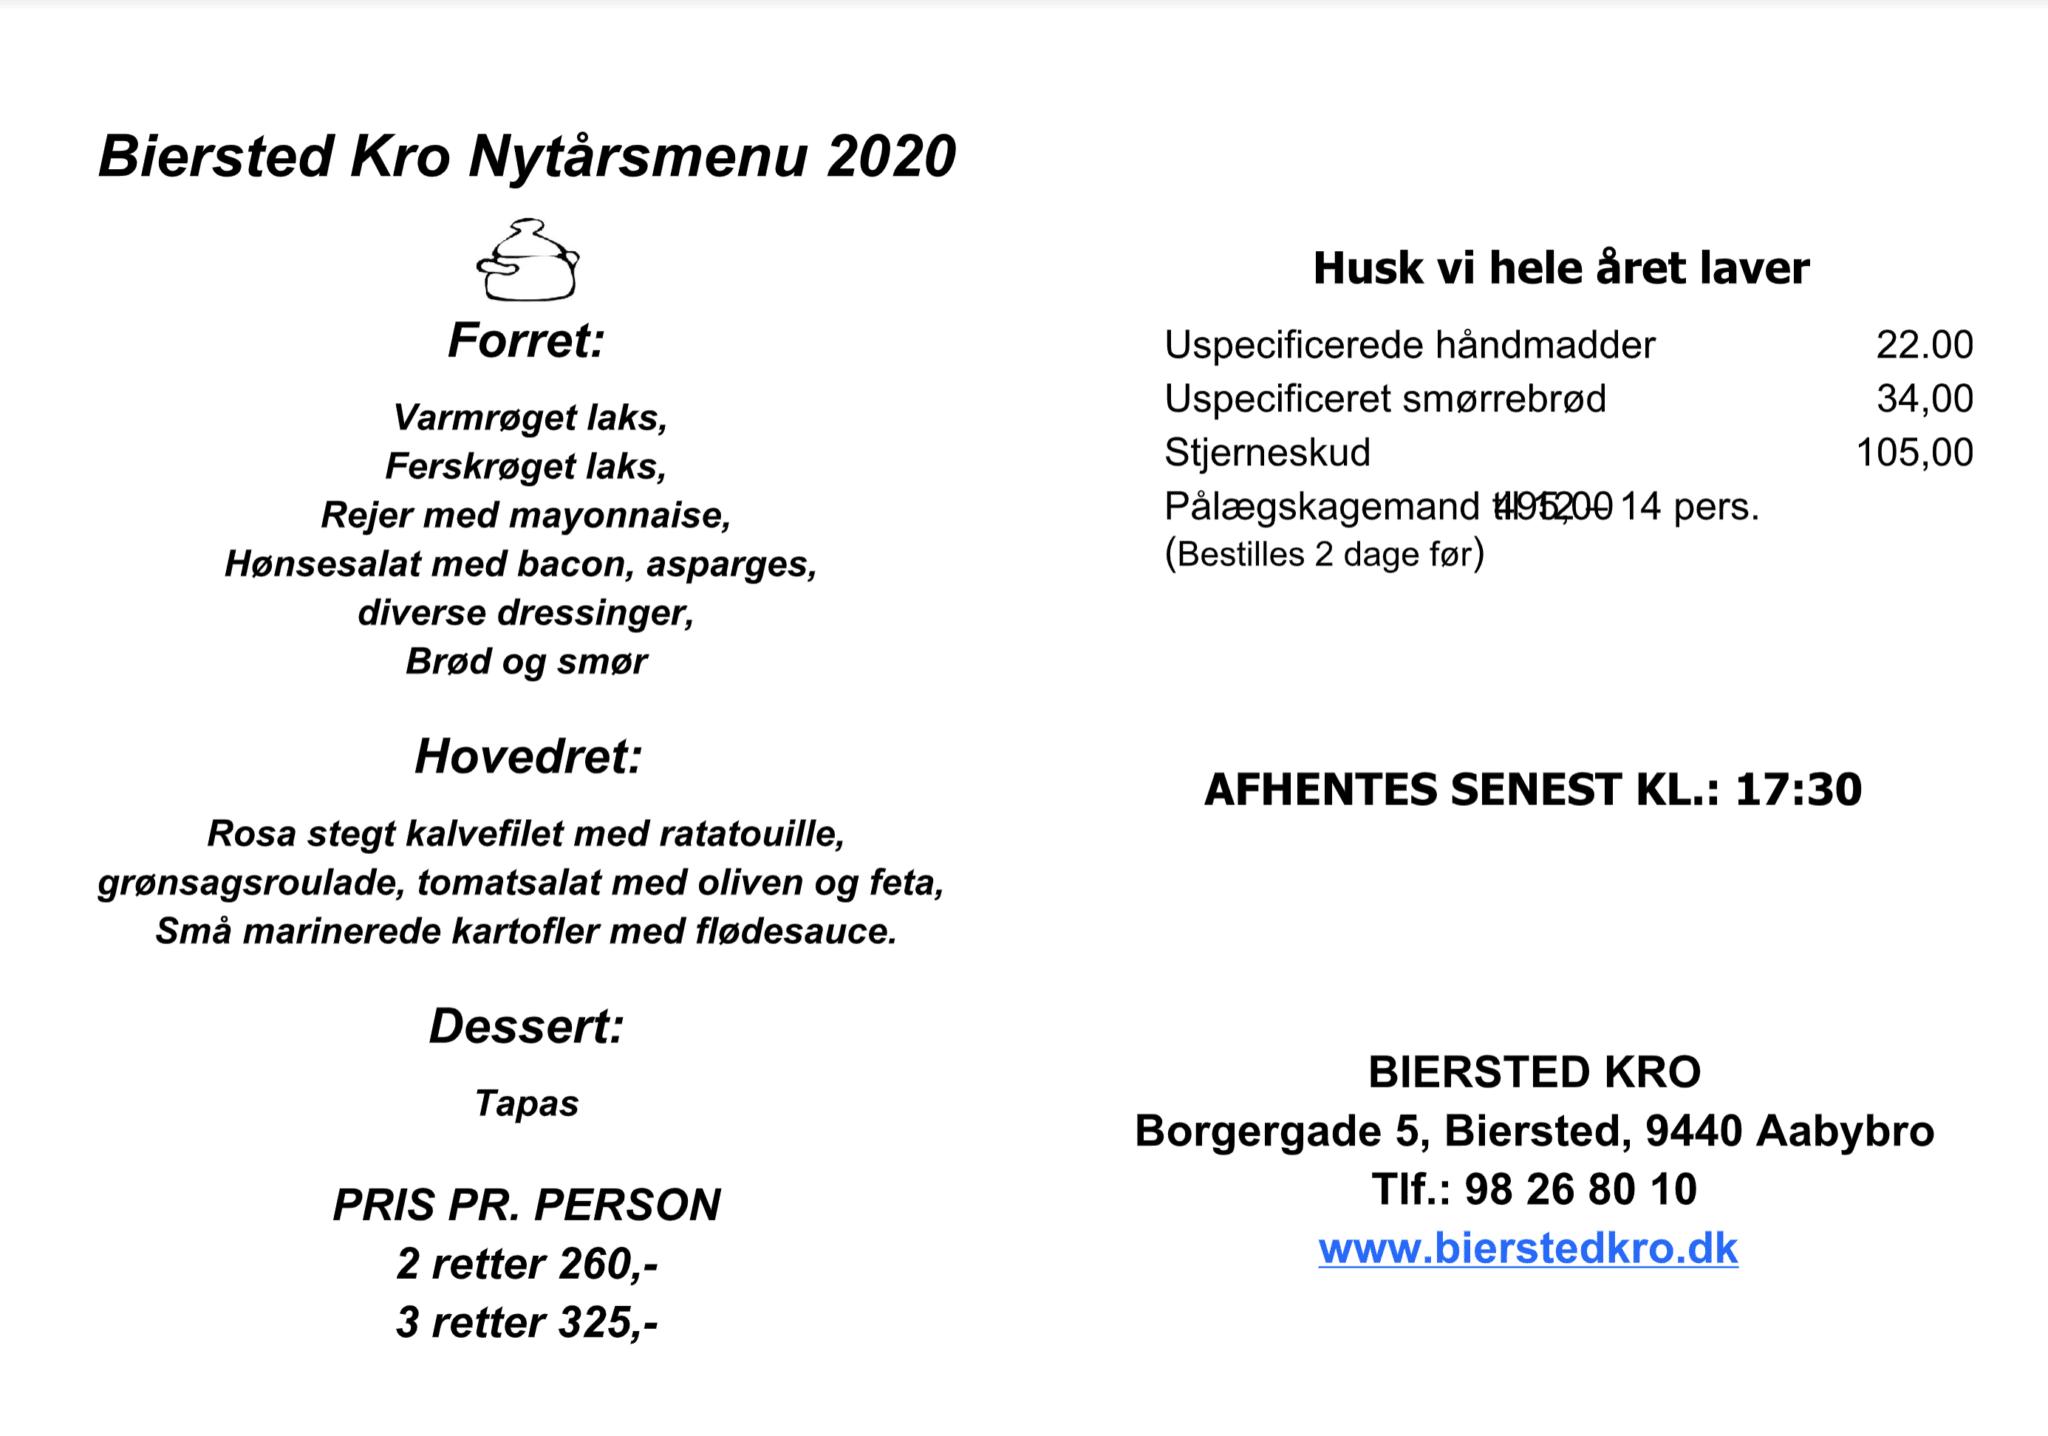 Nytårsmenu Aalborg og aabybro